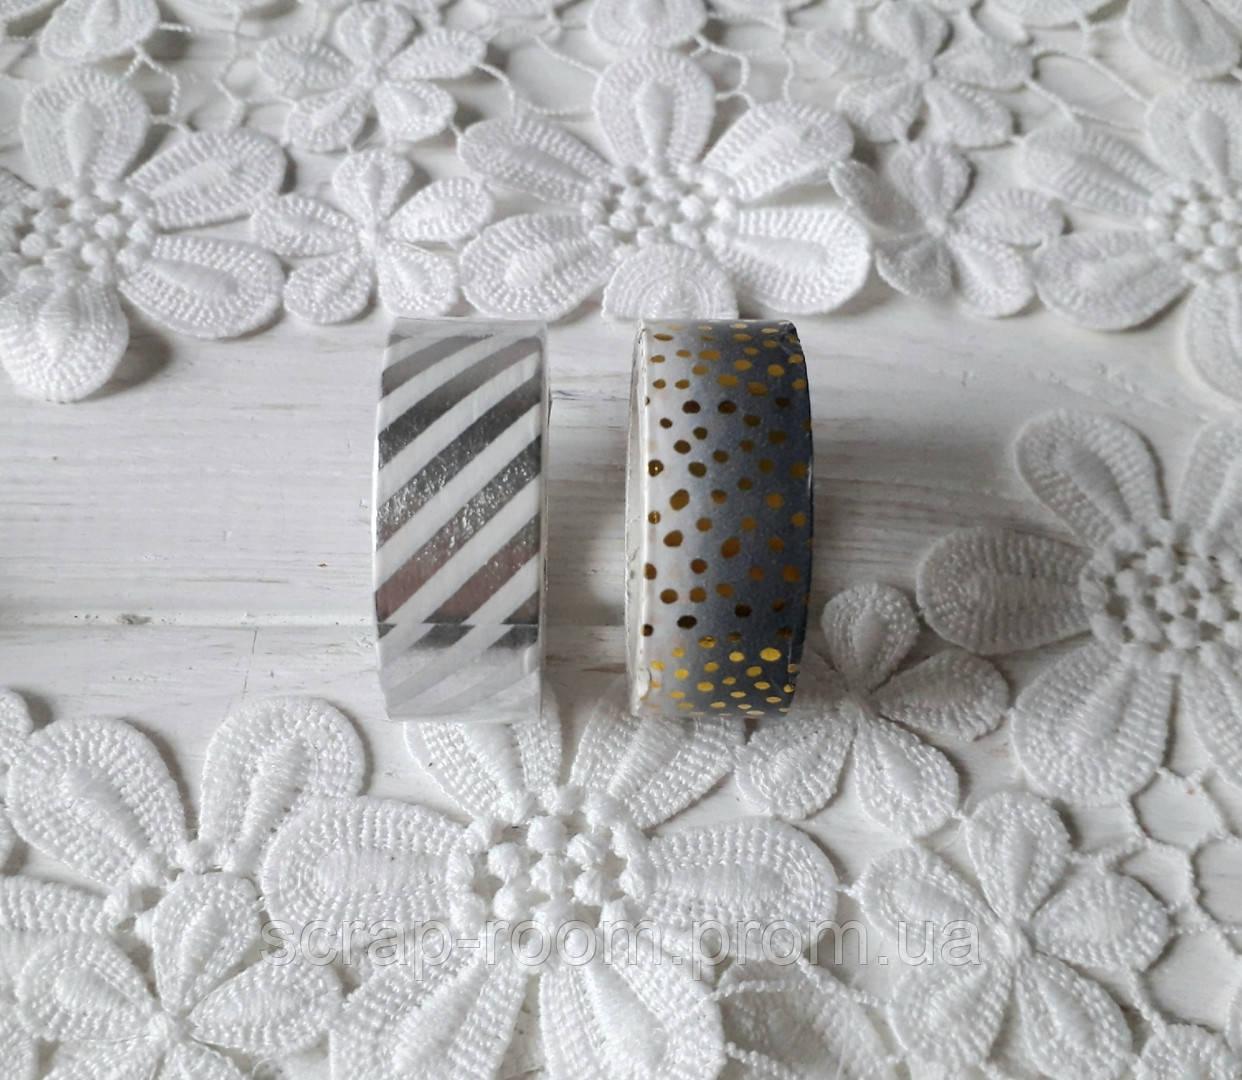 Скотч декоративный фольгированный, скотч с рисунком полоска, ширина 1,5 см, набор 2 шт по 5 метров длина